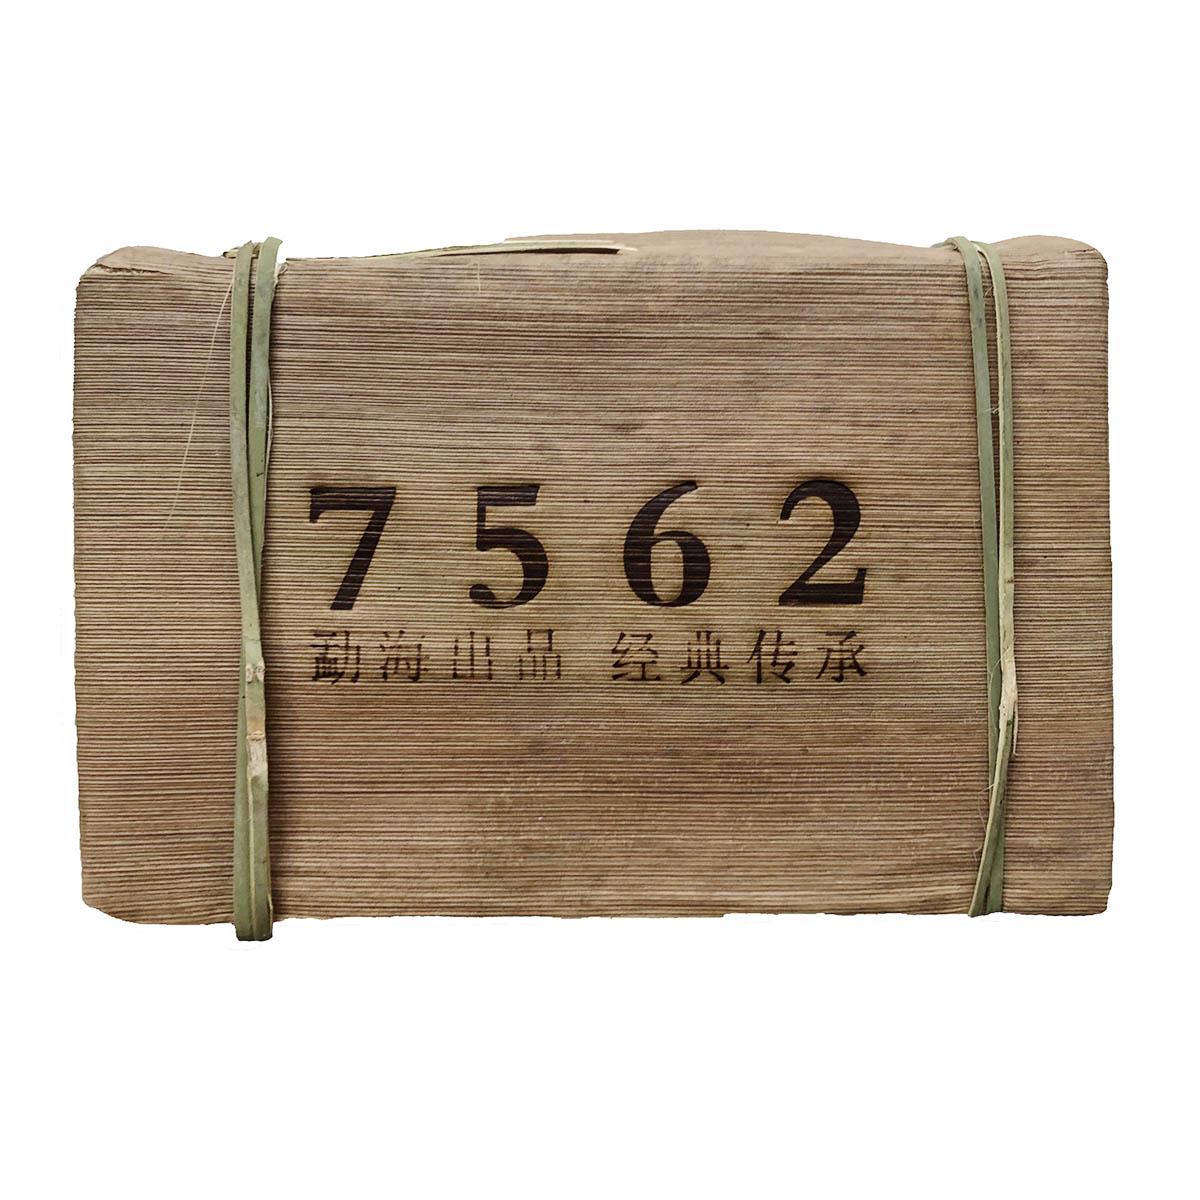 Шу Пуэр 7562 в бамбуковых листьях, 2008 г, брикет 250 гр.